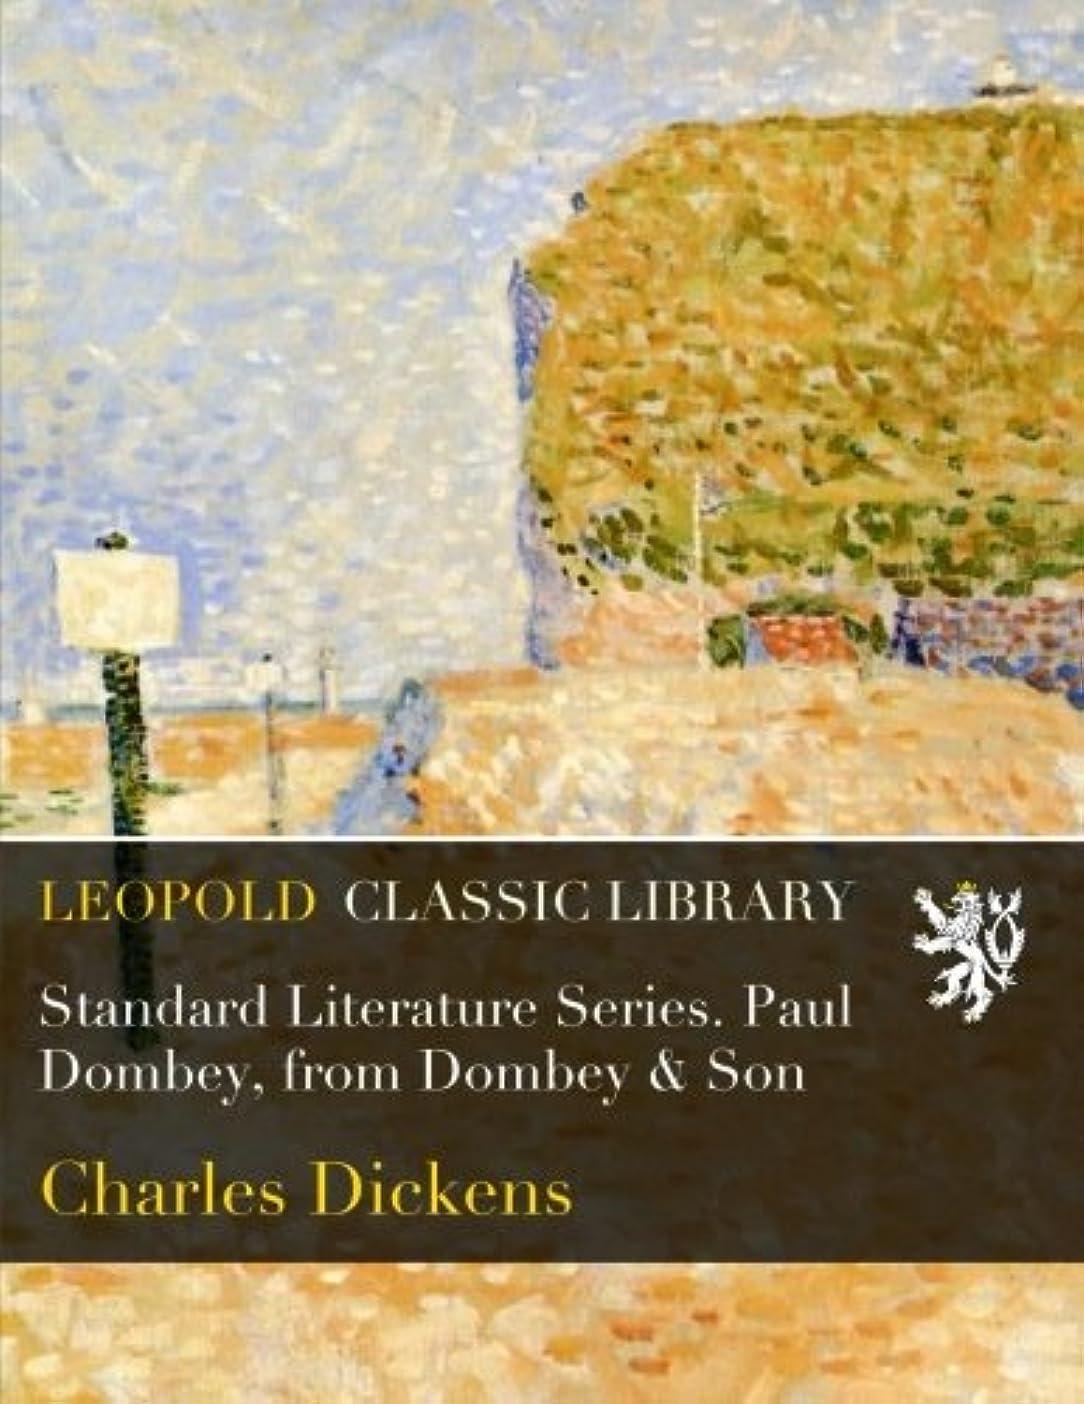 うつ蒸留する保険をかけるStandard Literature Series. Paul Dombey, from Dombey & Son